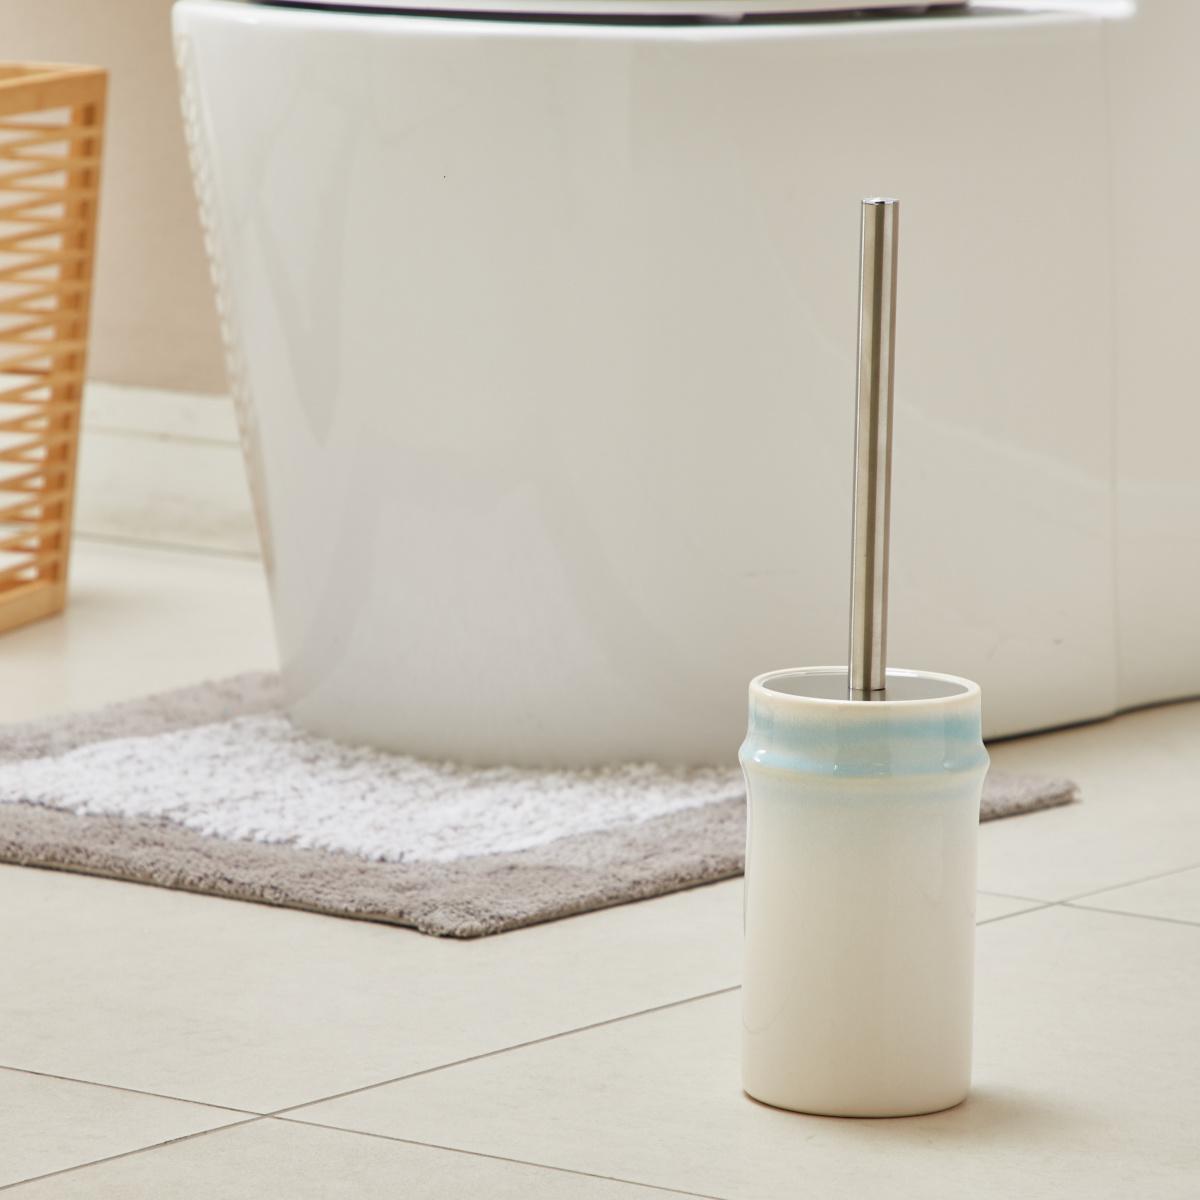 Oceania Toilet Brush Holder 10.1x10.1x17.5cm - Ice Blue